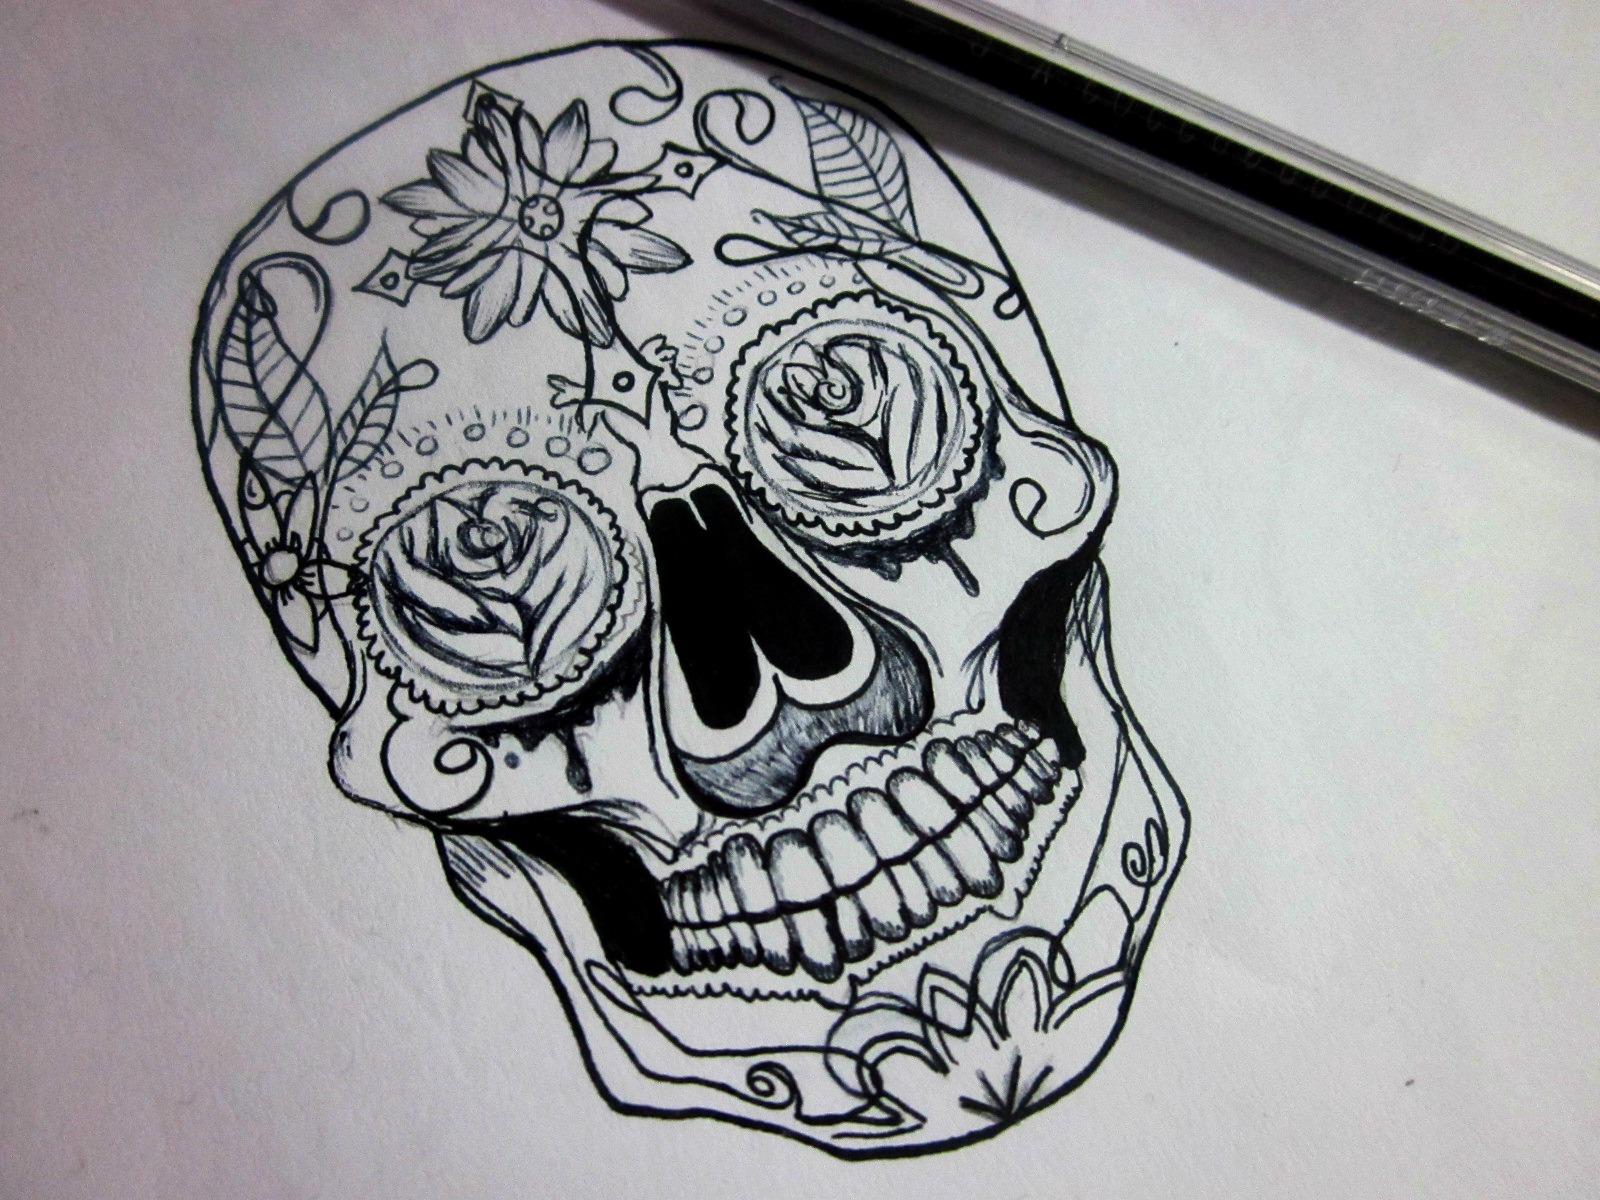 Dibujos y diseños de tatuajes. : Skulls. ♥